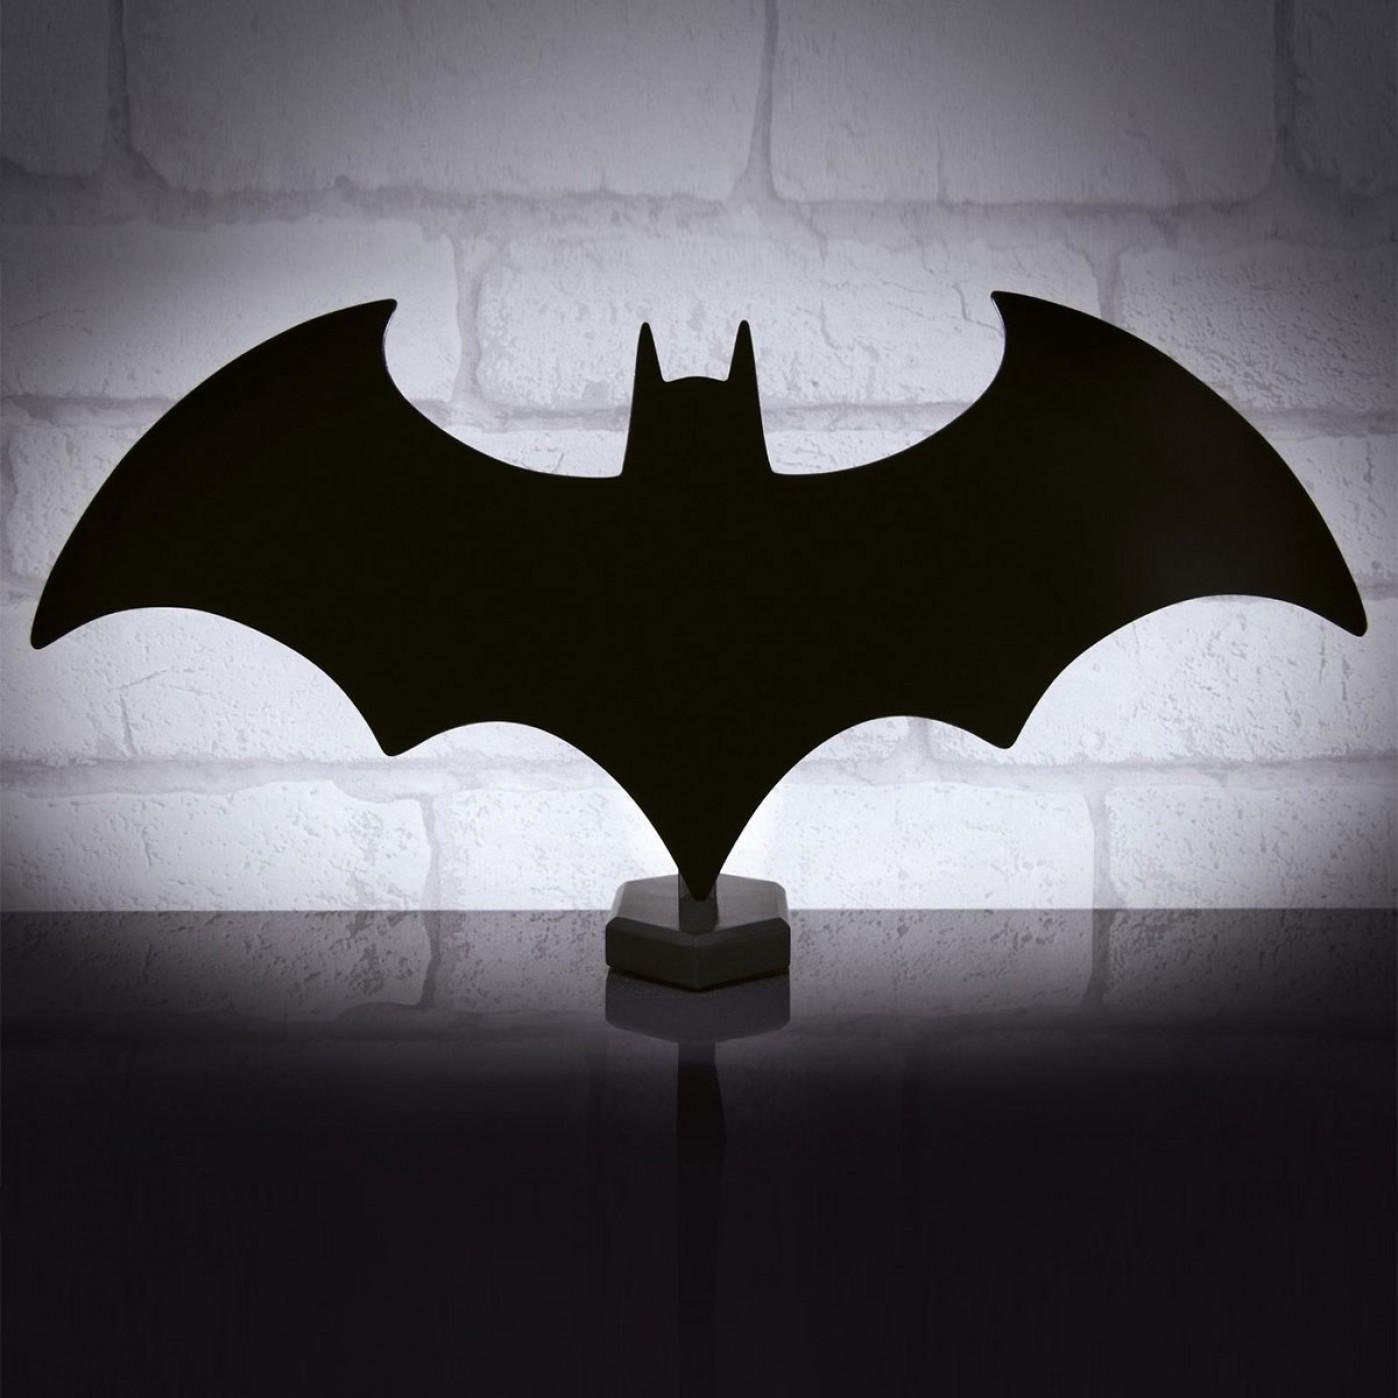 lampe-batman-led-eclipse-cadeaux-folies-site-cadeau-homme-et-geek